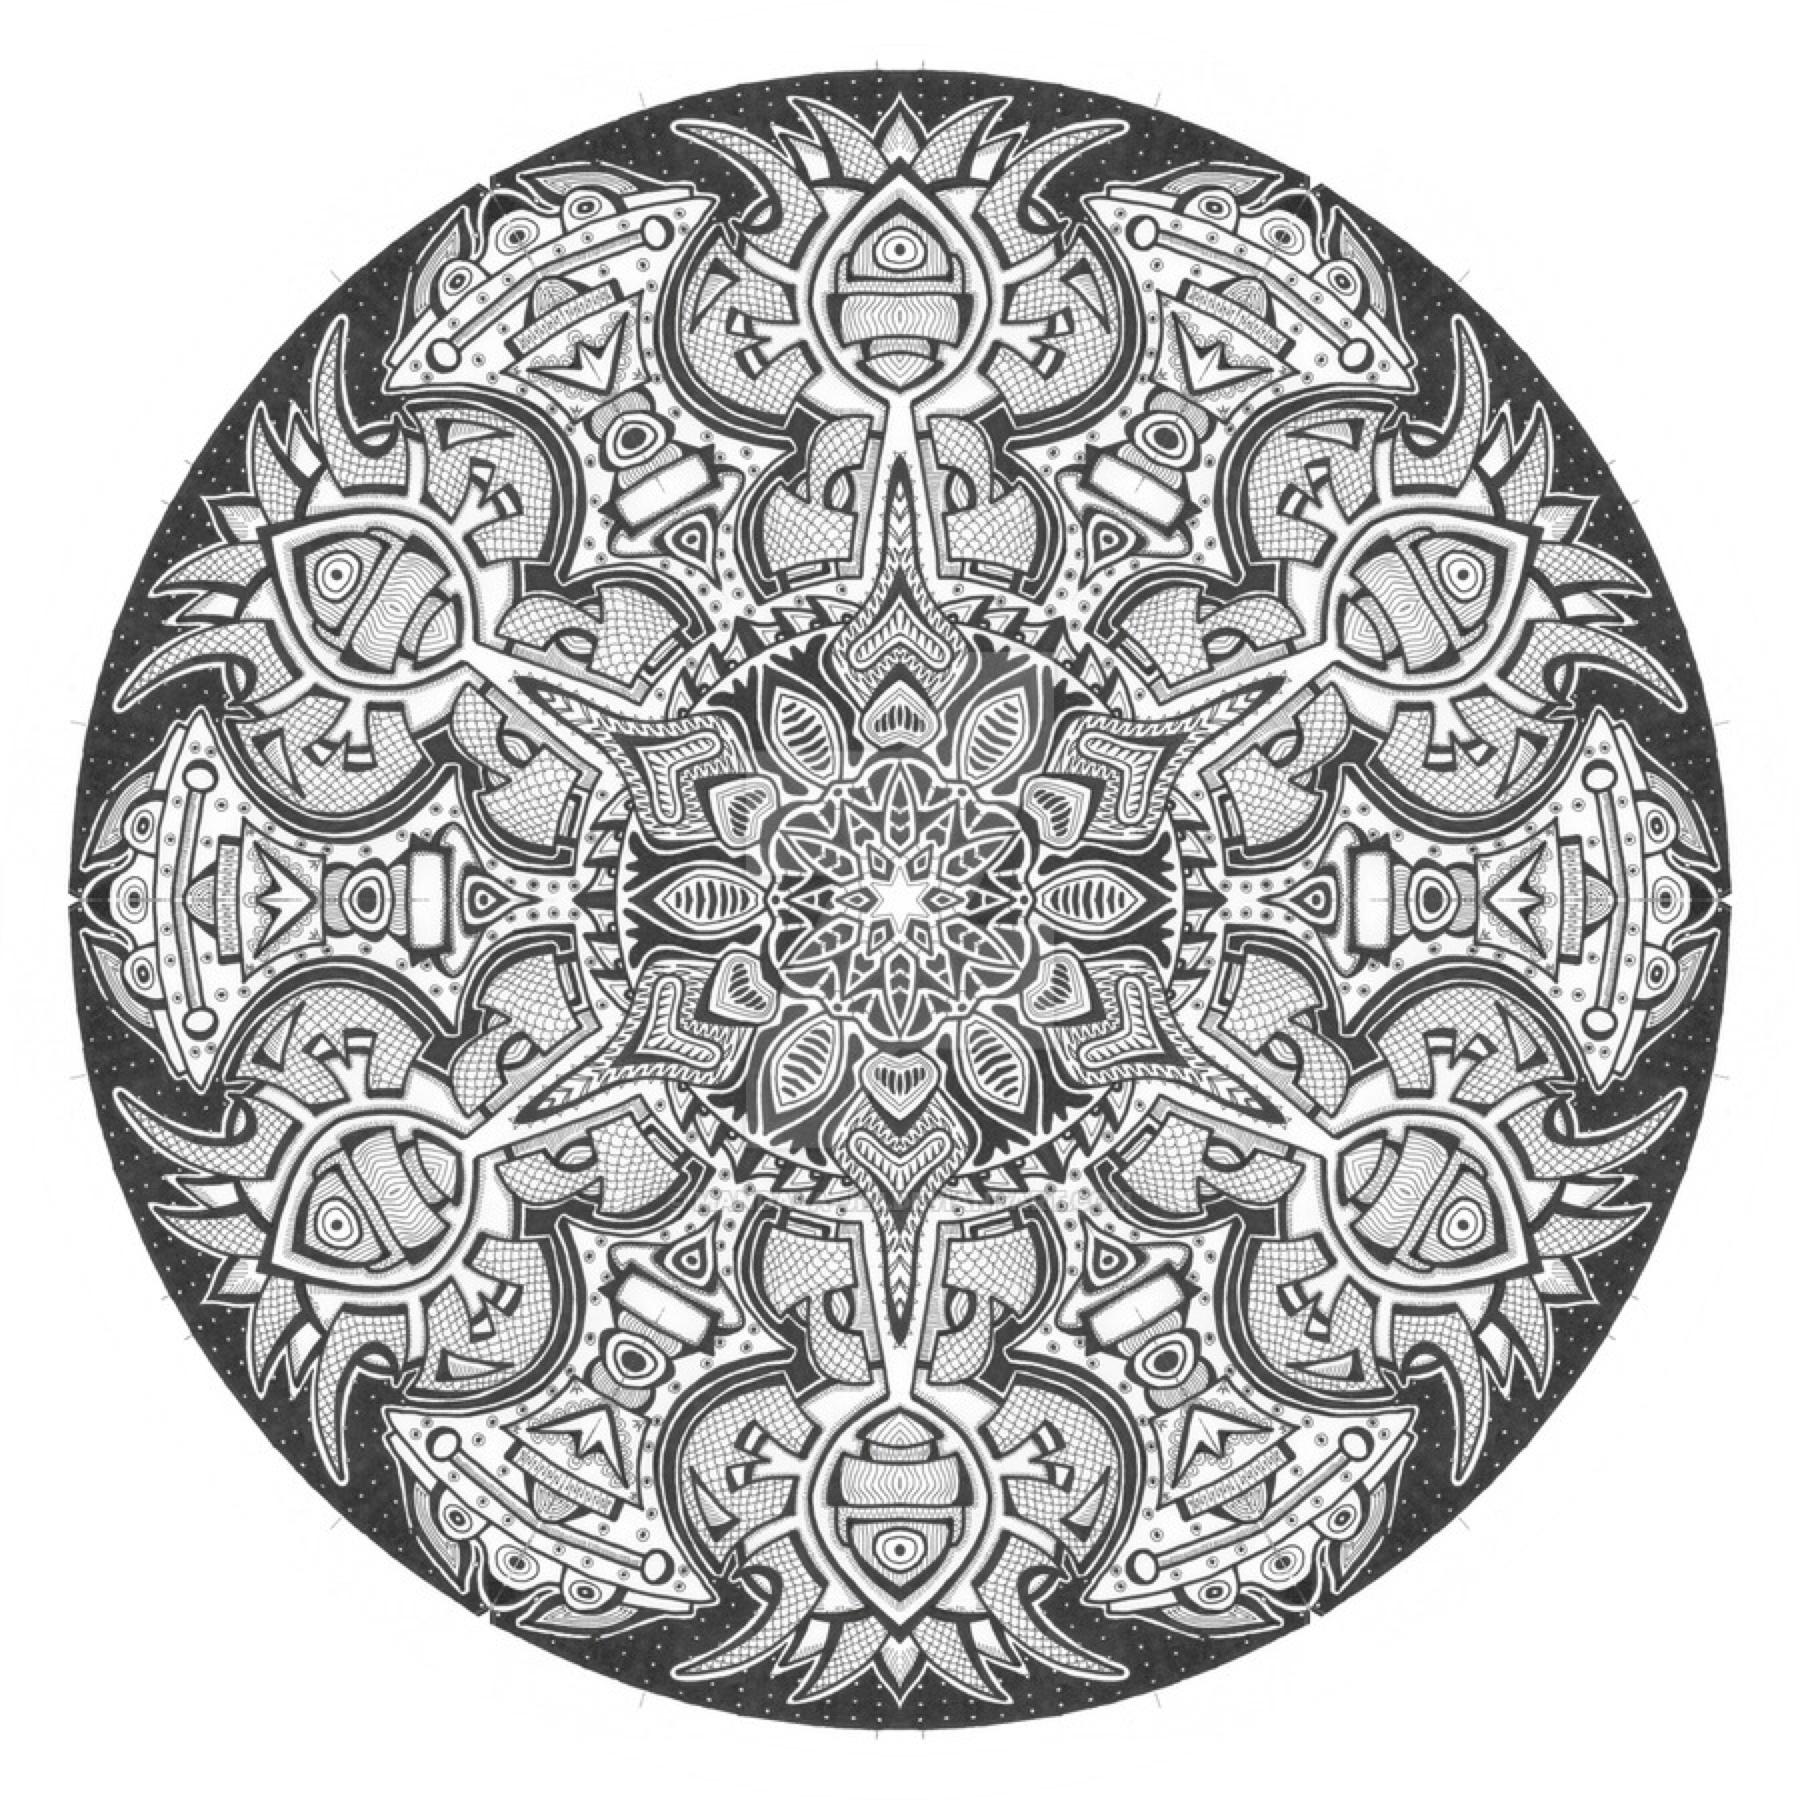 1800x1800 Mandala Drawing 1 By Mandala Jim On @ Mandala